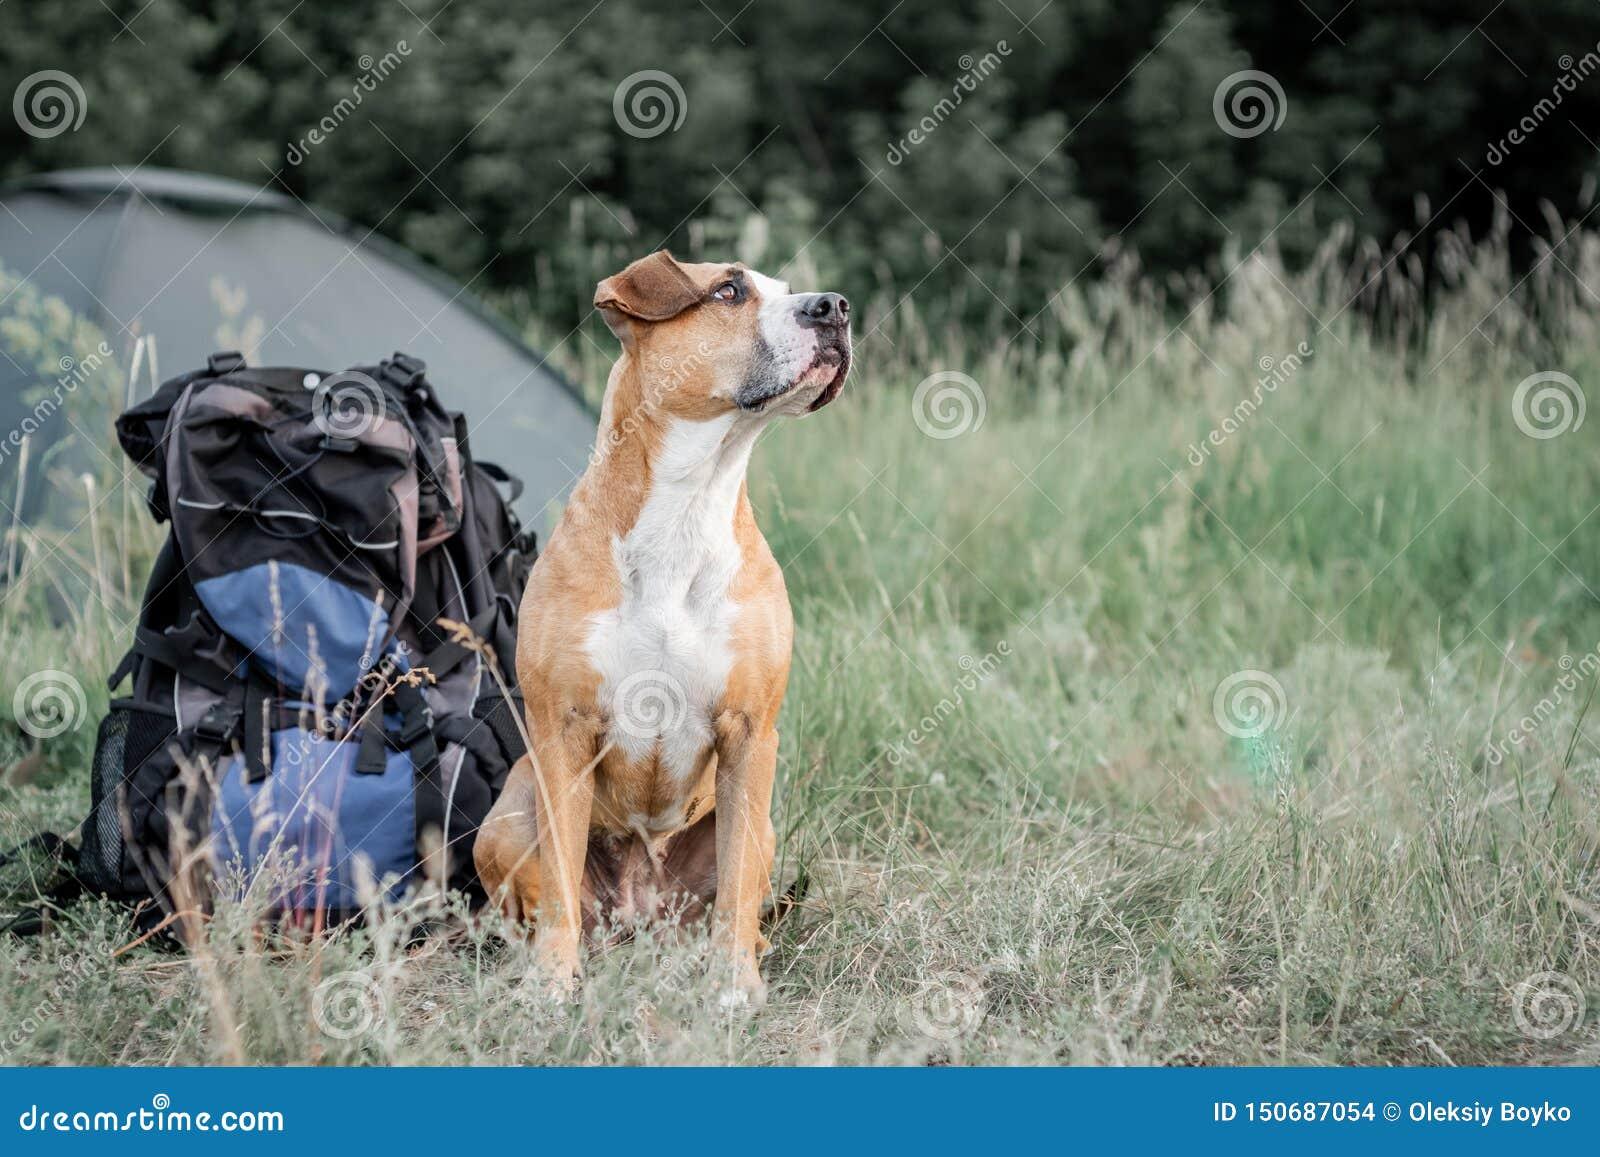 Mochila que camina con un perro: el terrier de Staffordshire se sienta al lado de una mochila turística en un camping